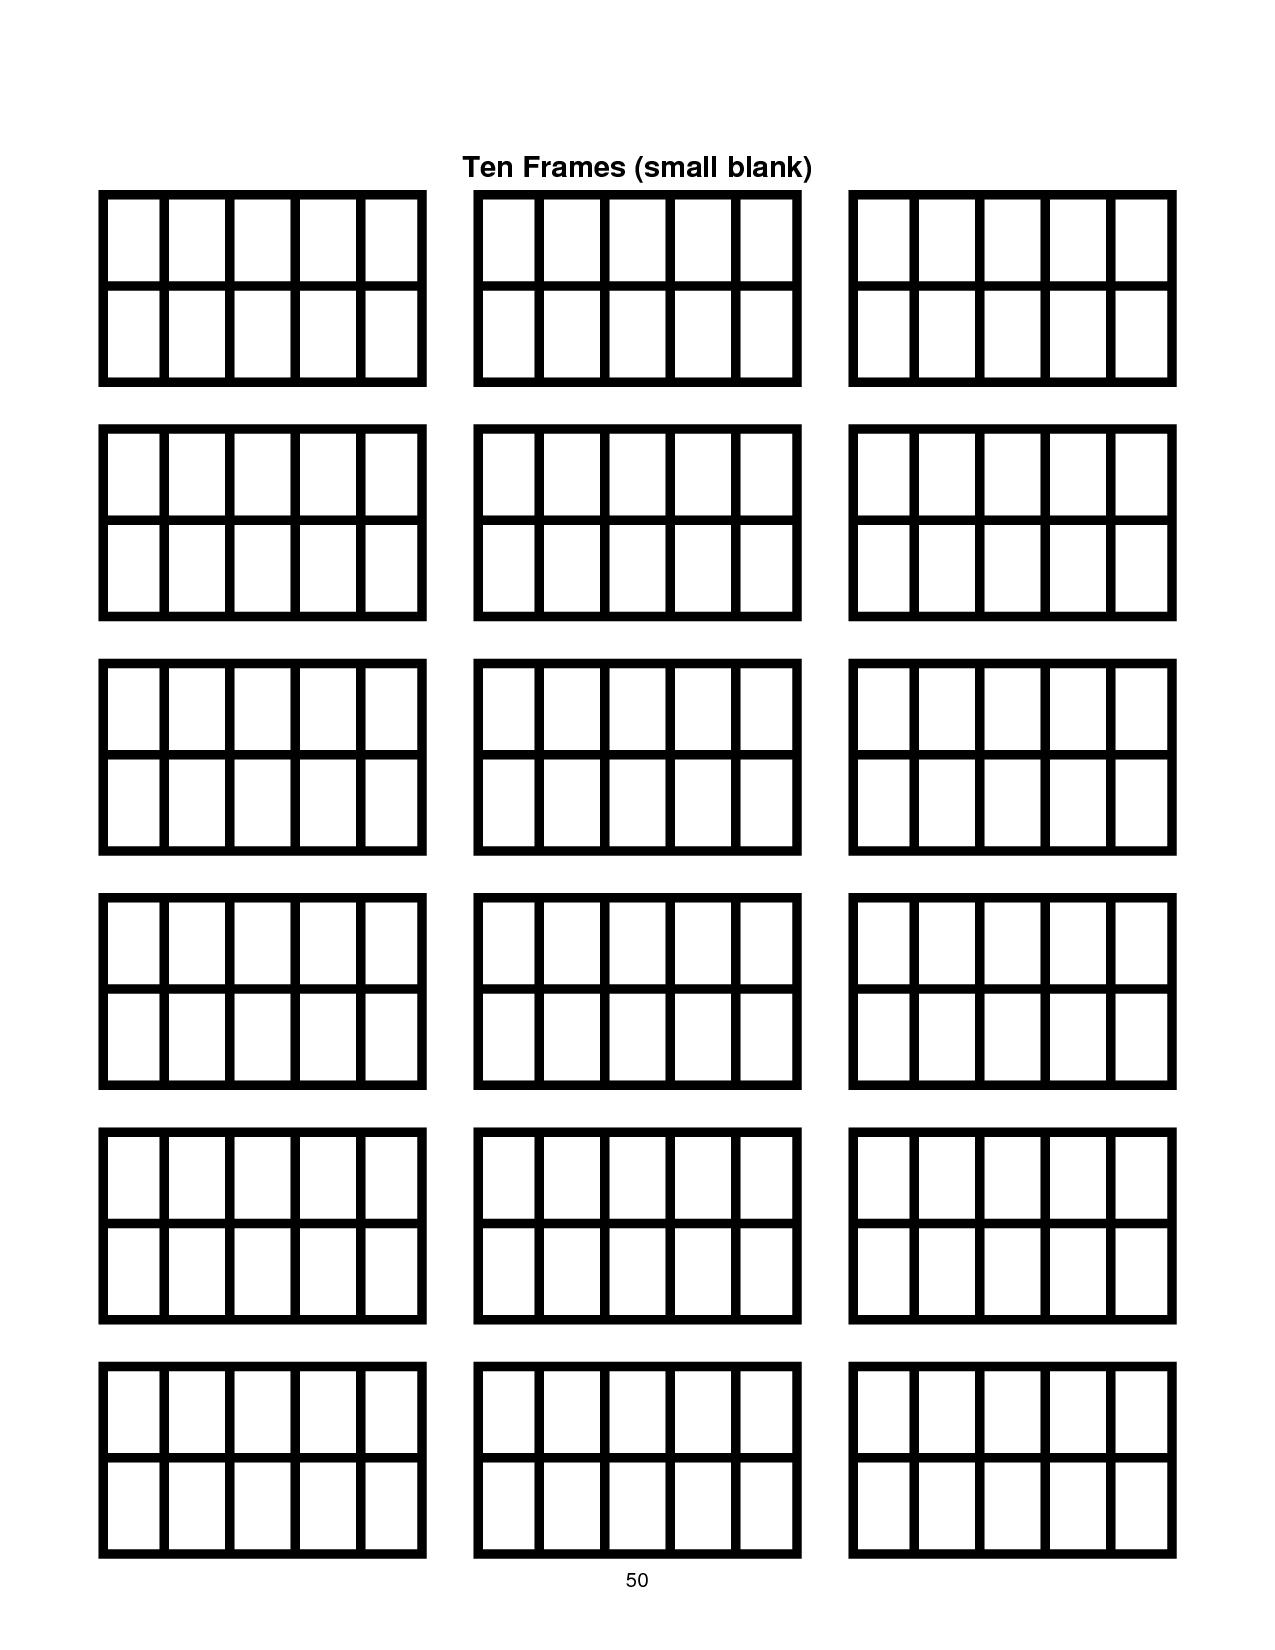 Ten Frame Template Printable